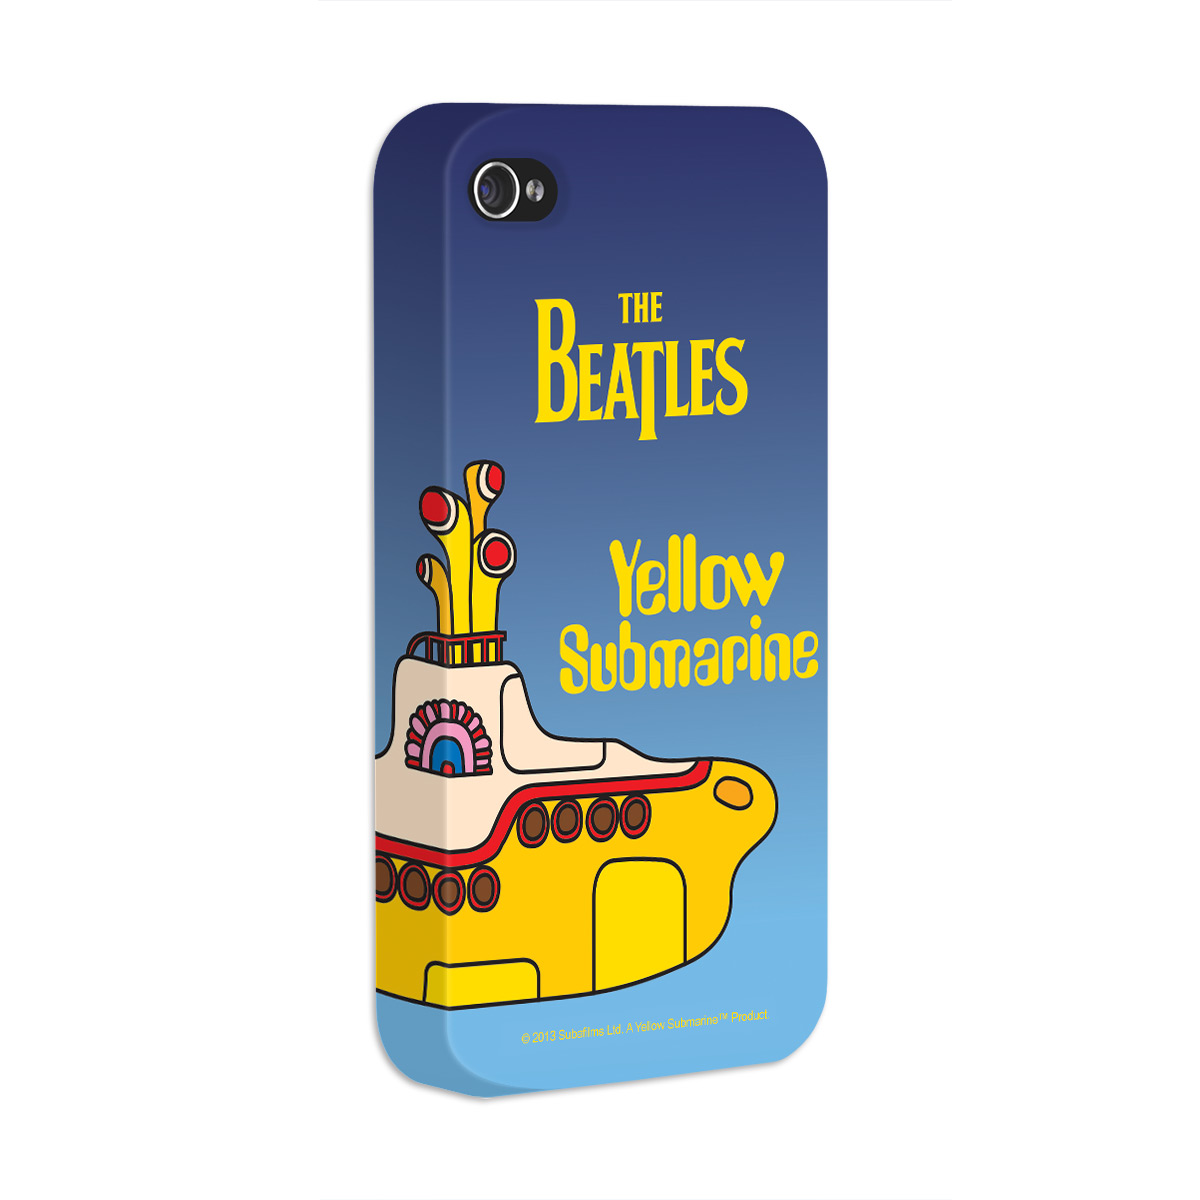 Capa de iPhone 4/4S The Beatles Yellow Submarine